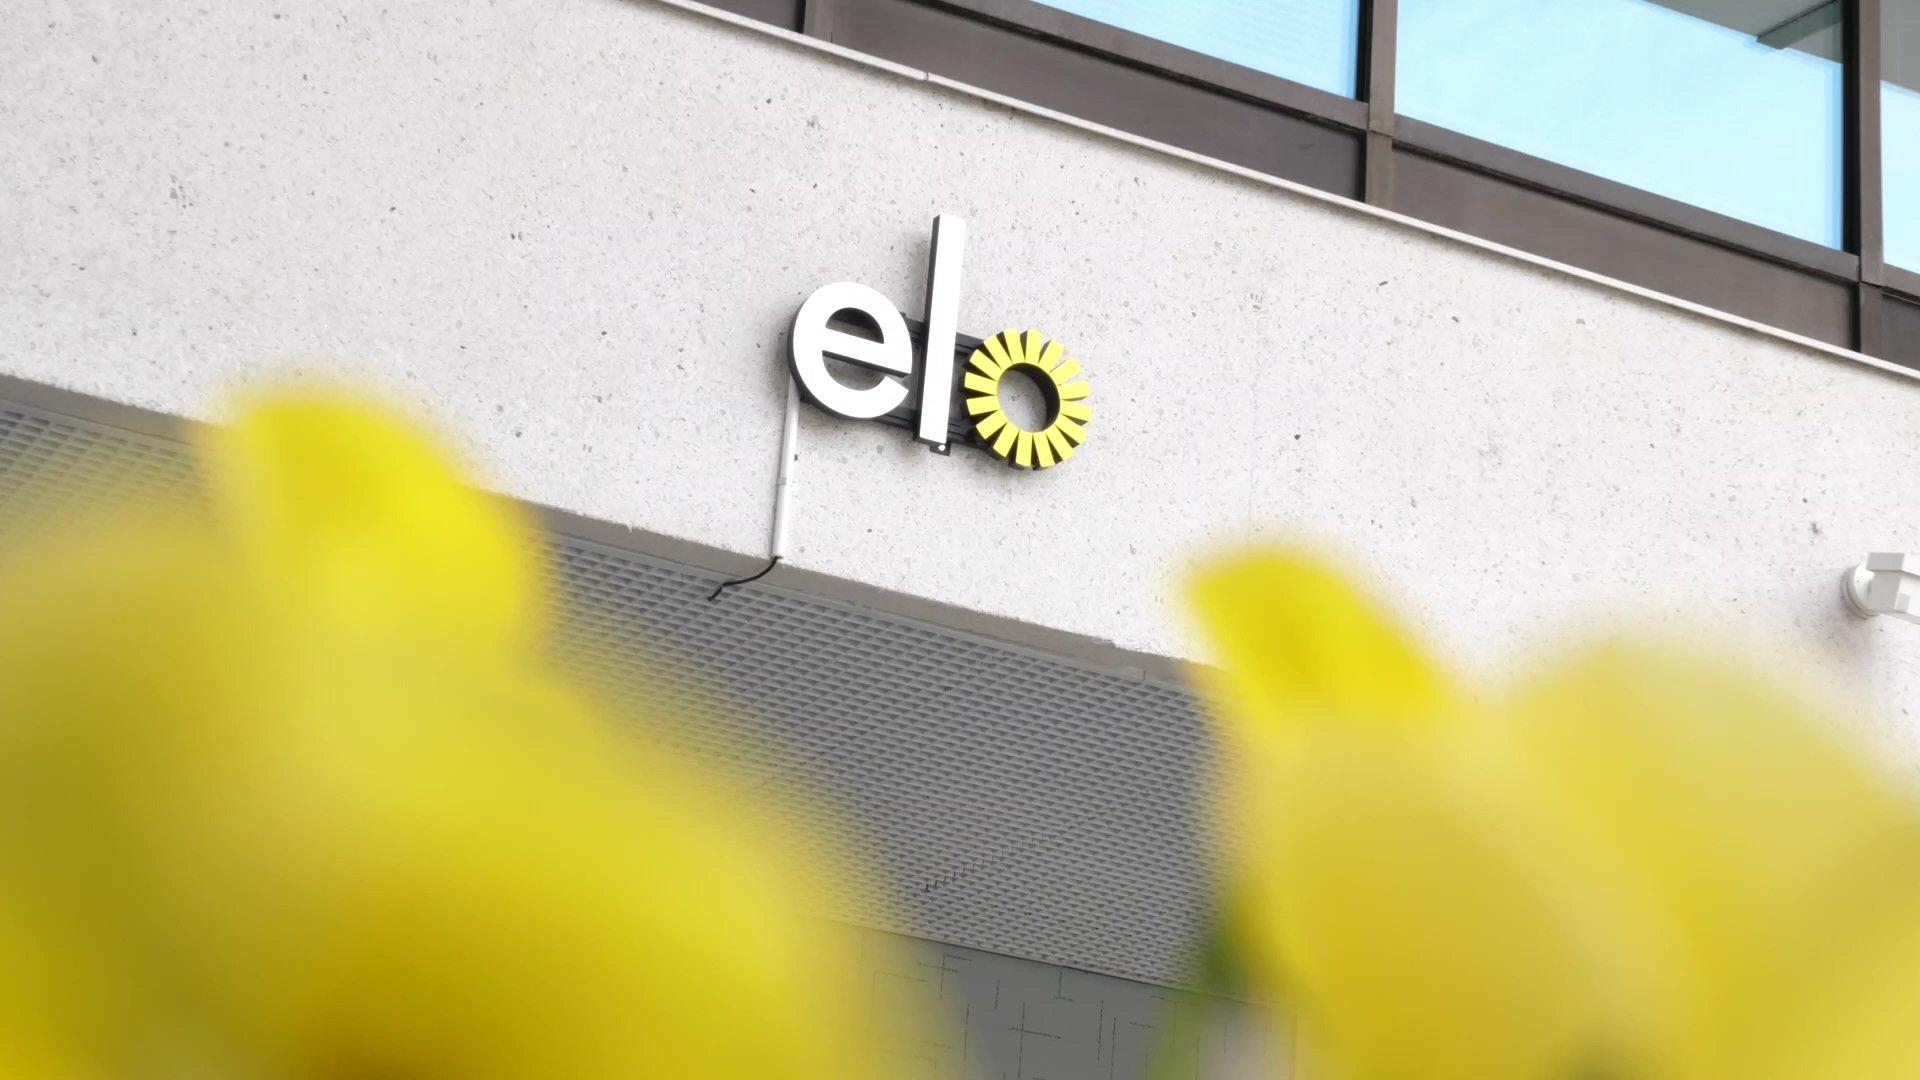 ELO Eläkevakuutuspalvelu office